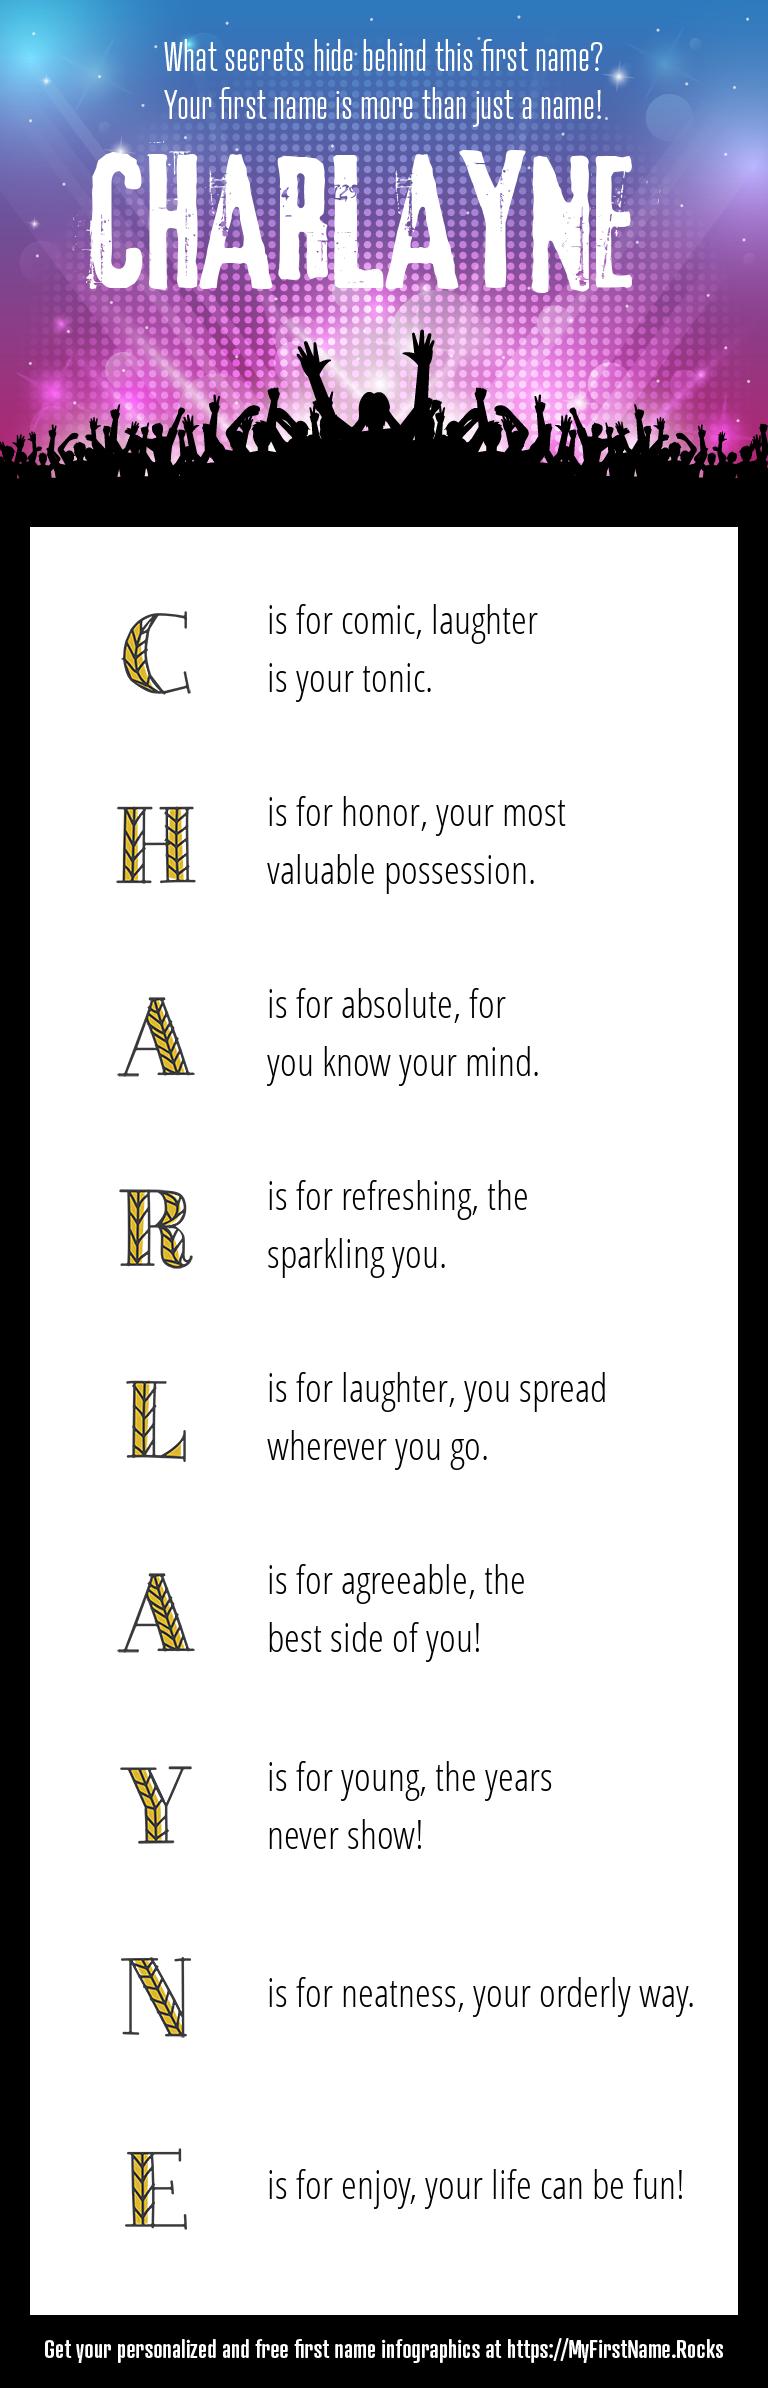 Charlayne Infographics